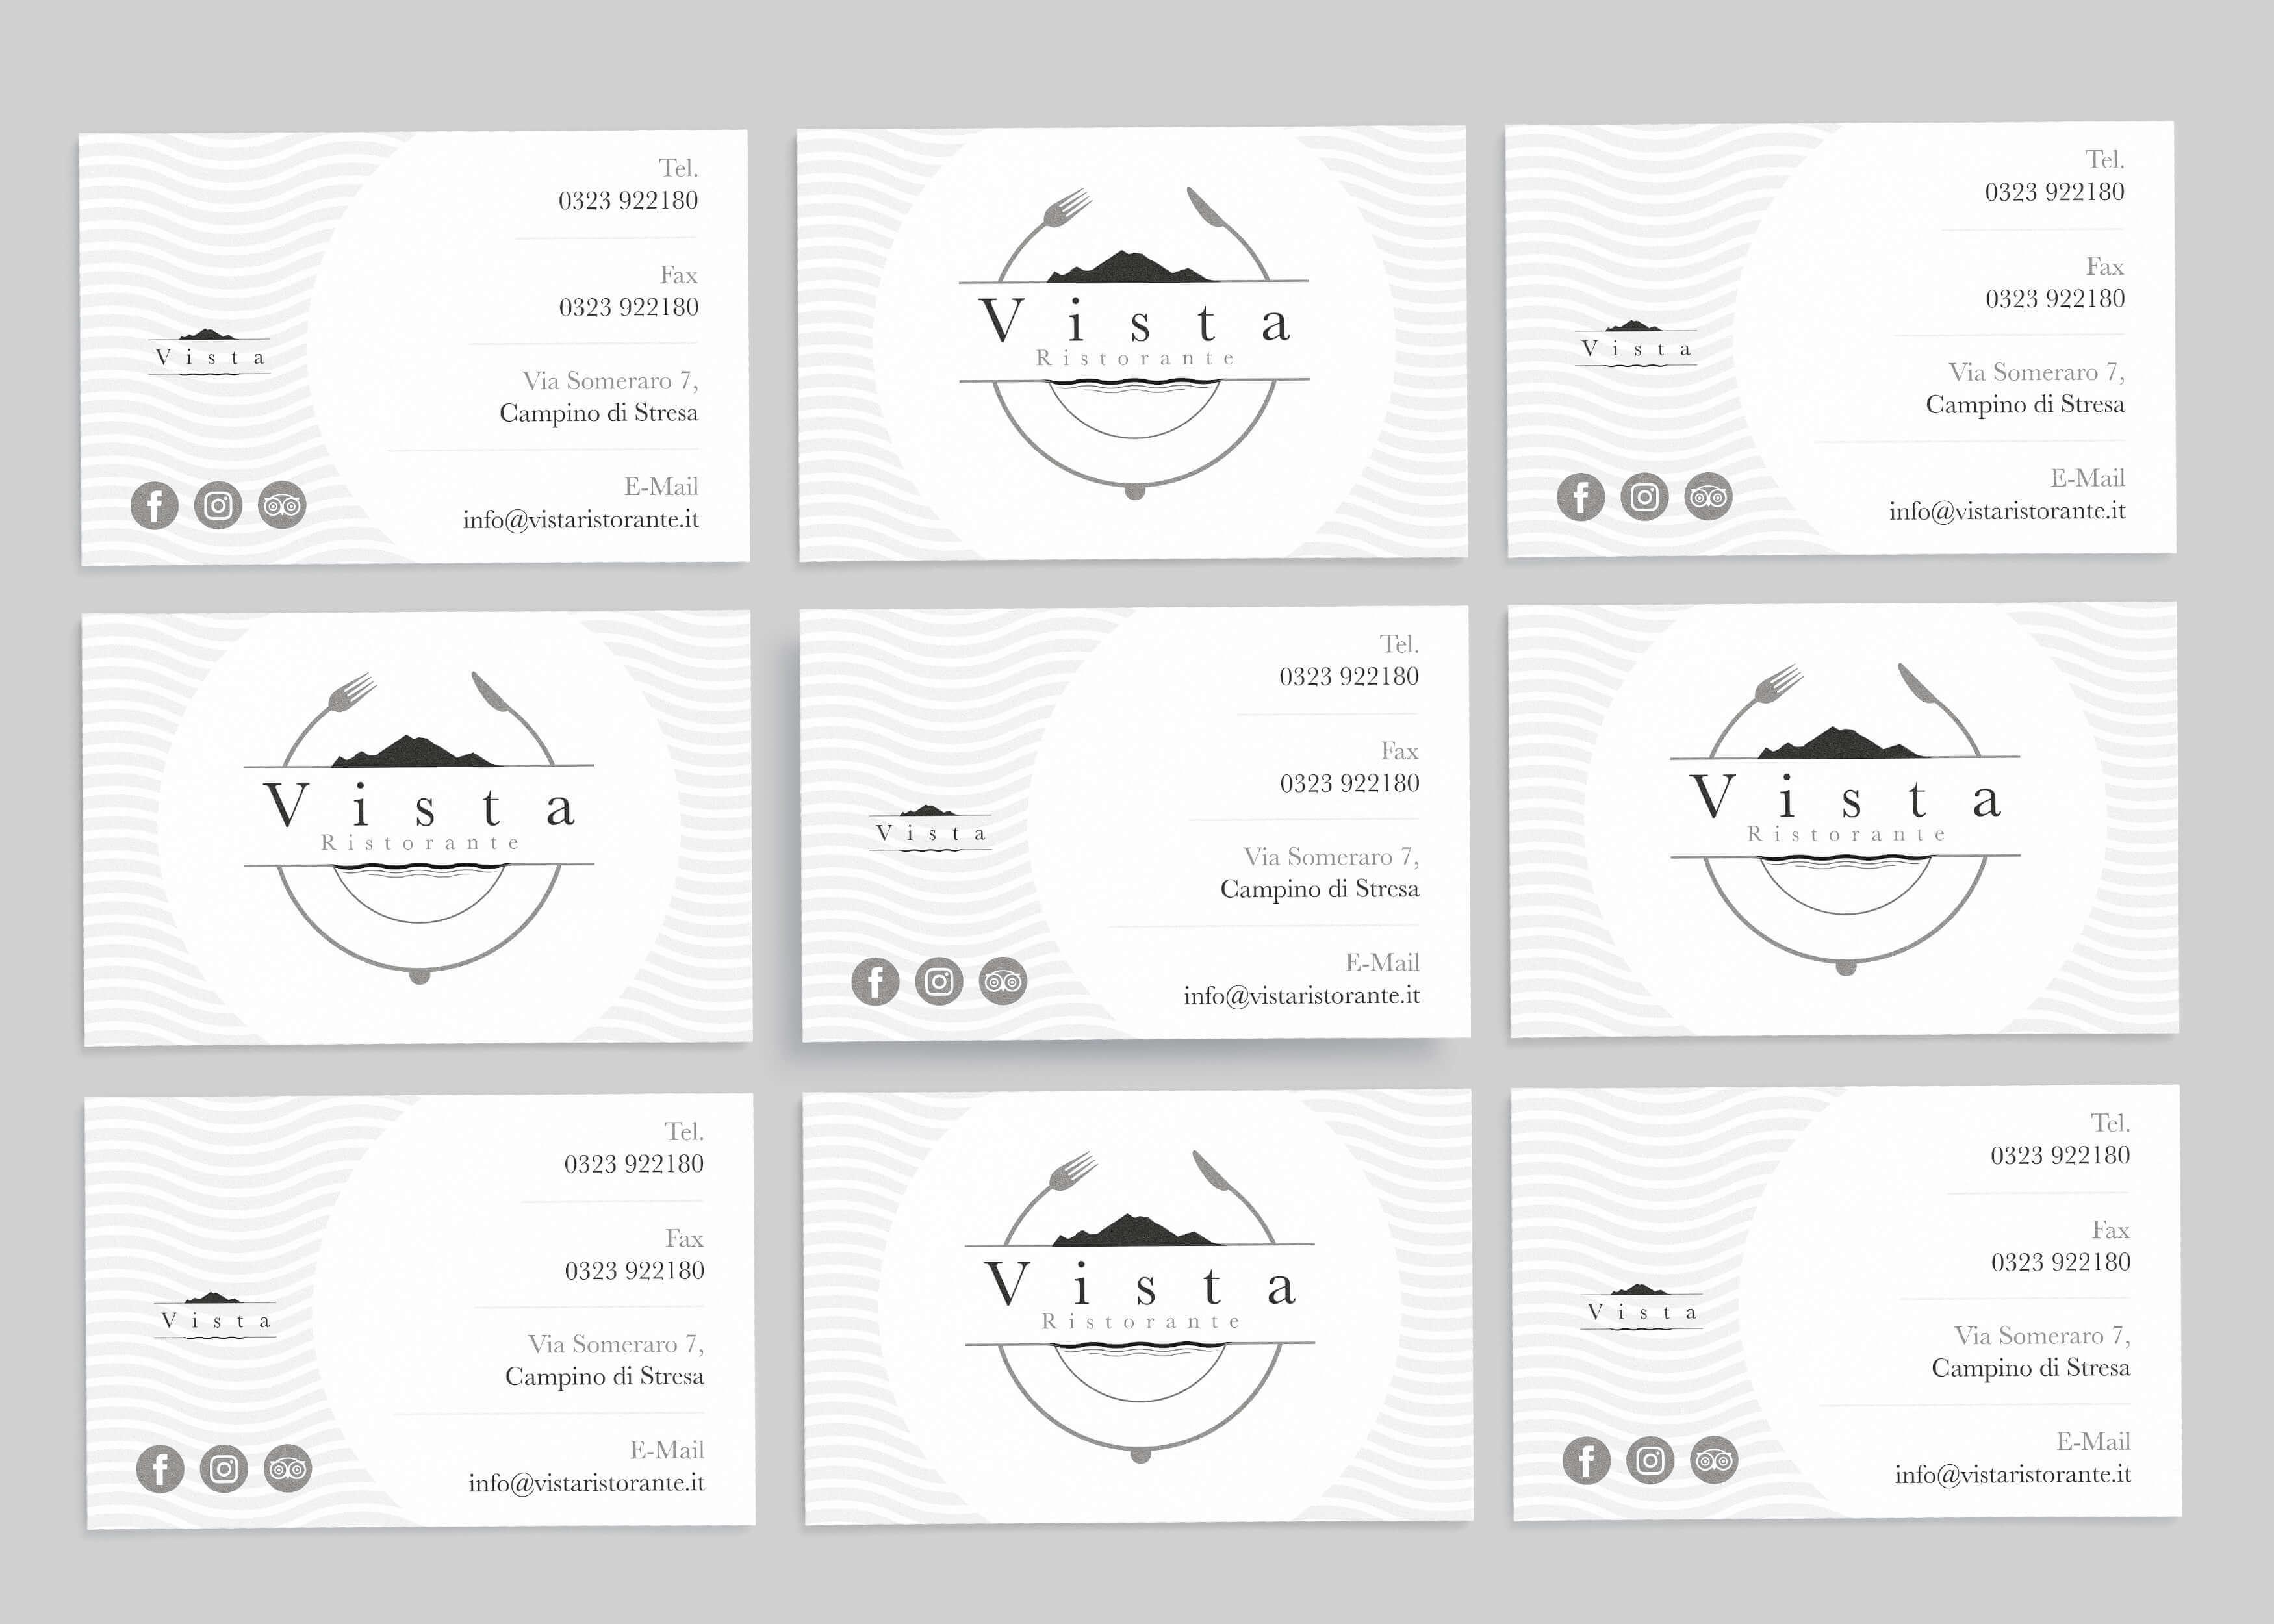 nove biglietti da visita fronte e retro bianchi con logo e brand identity design di Vista Ristorante su sfondo grigio chiaro